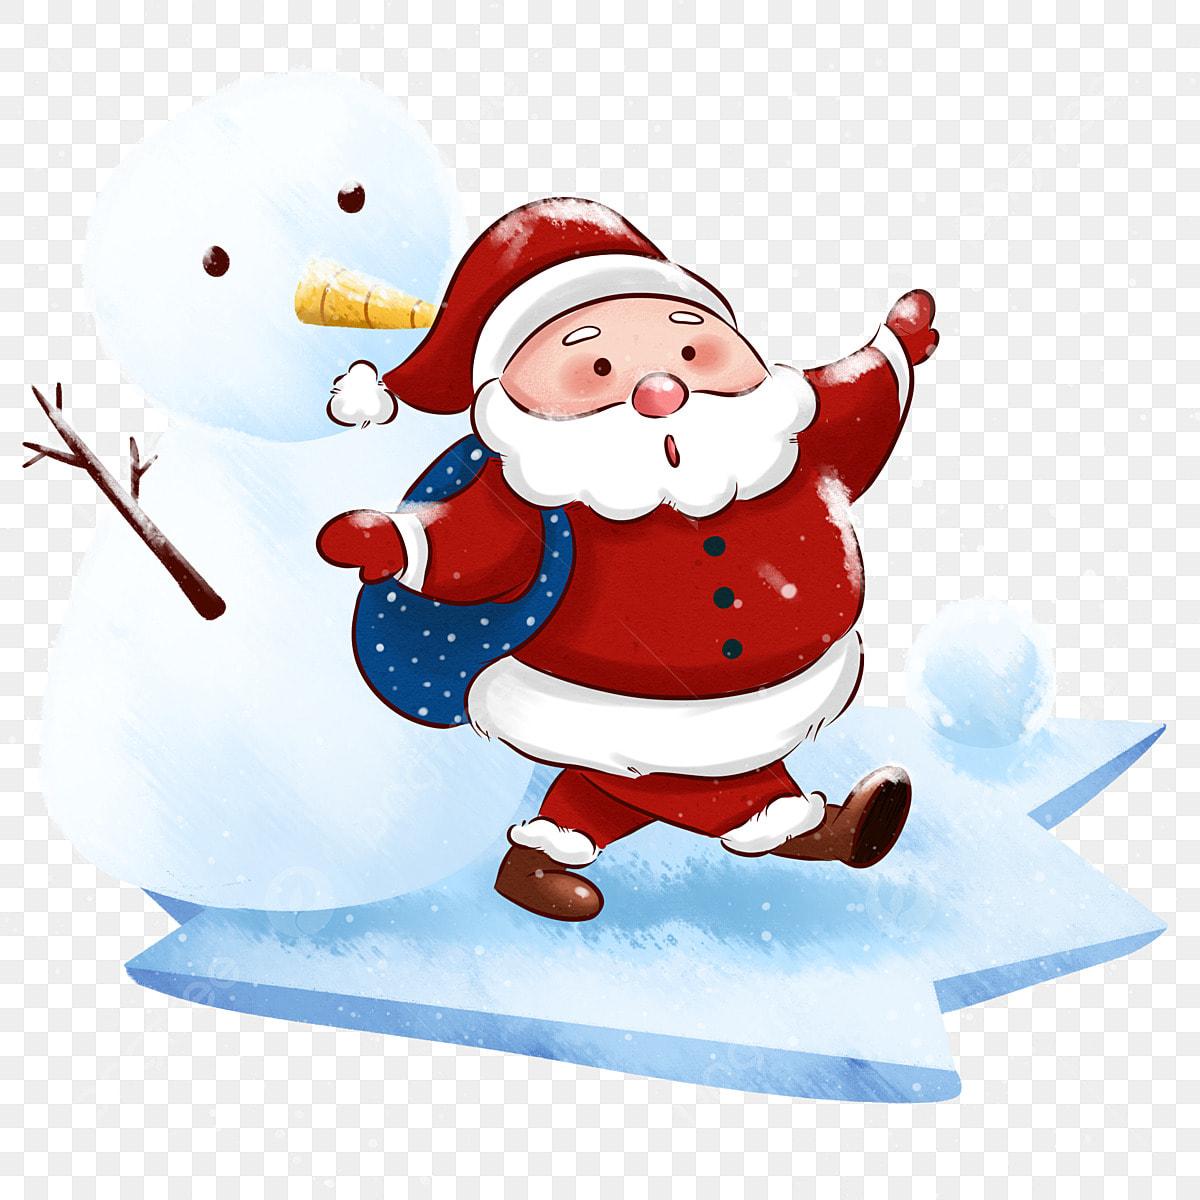 Image Pere Noel En Ski.De Noel De Noel Le Pere Noel Le Ski Le Ski Le Pere Noel De